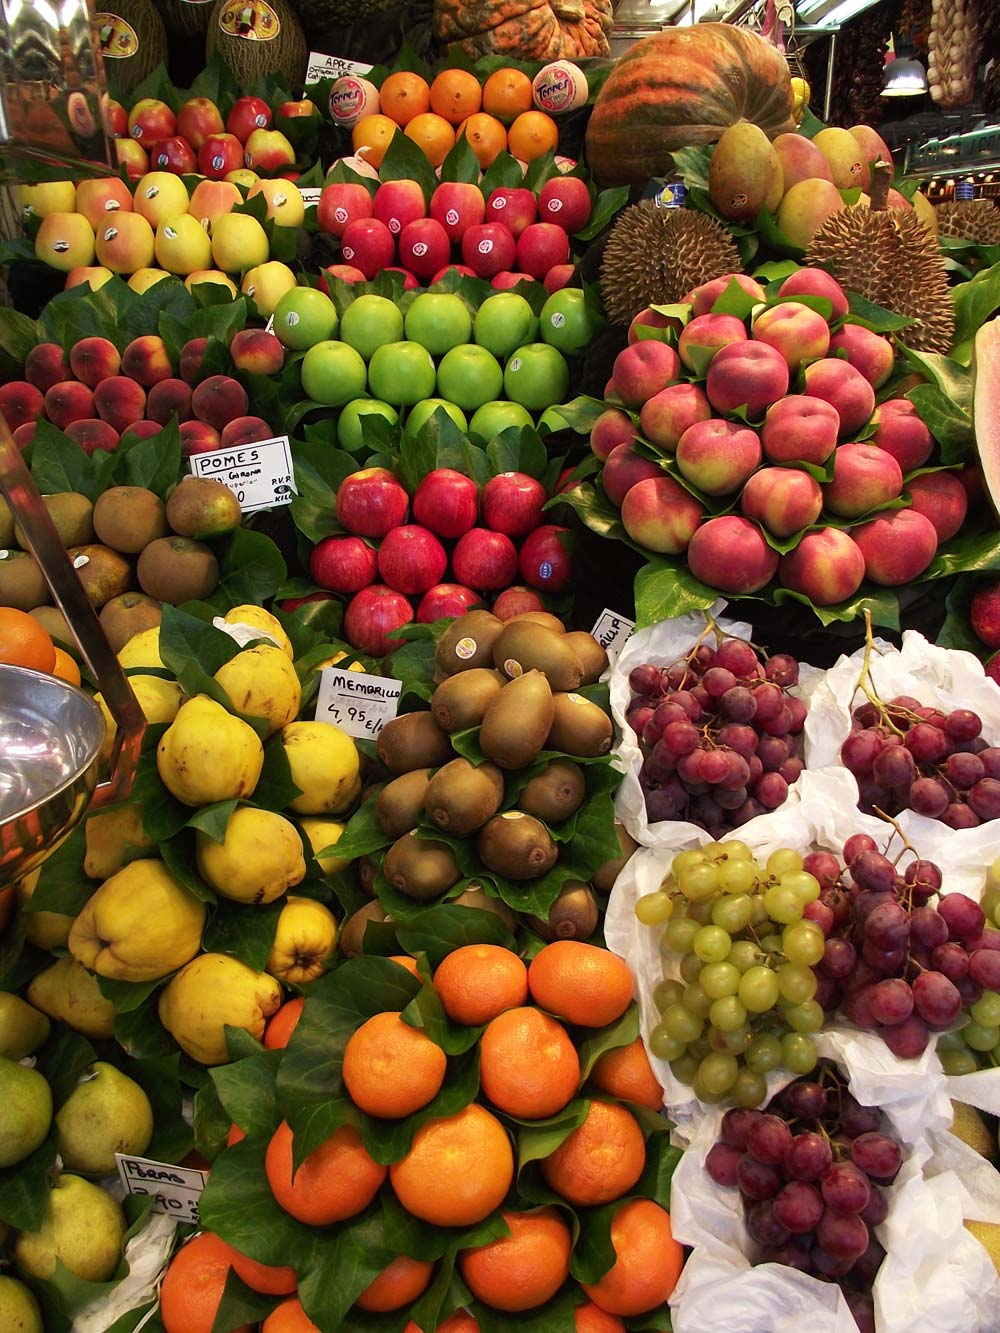 Fotos gratis -Frutas en el mercado de la Boquería